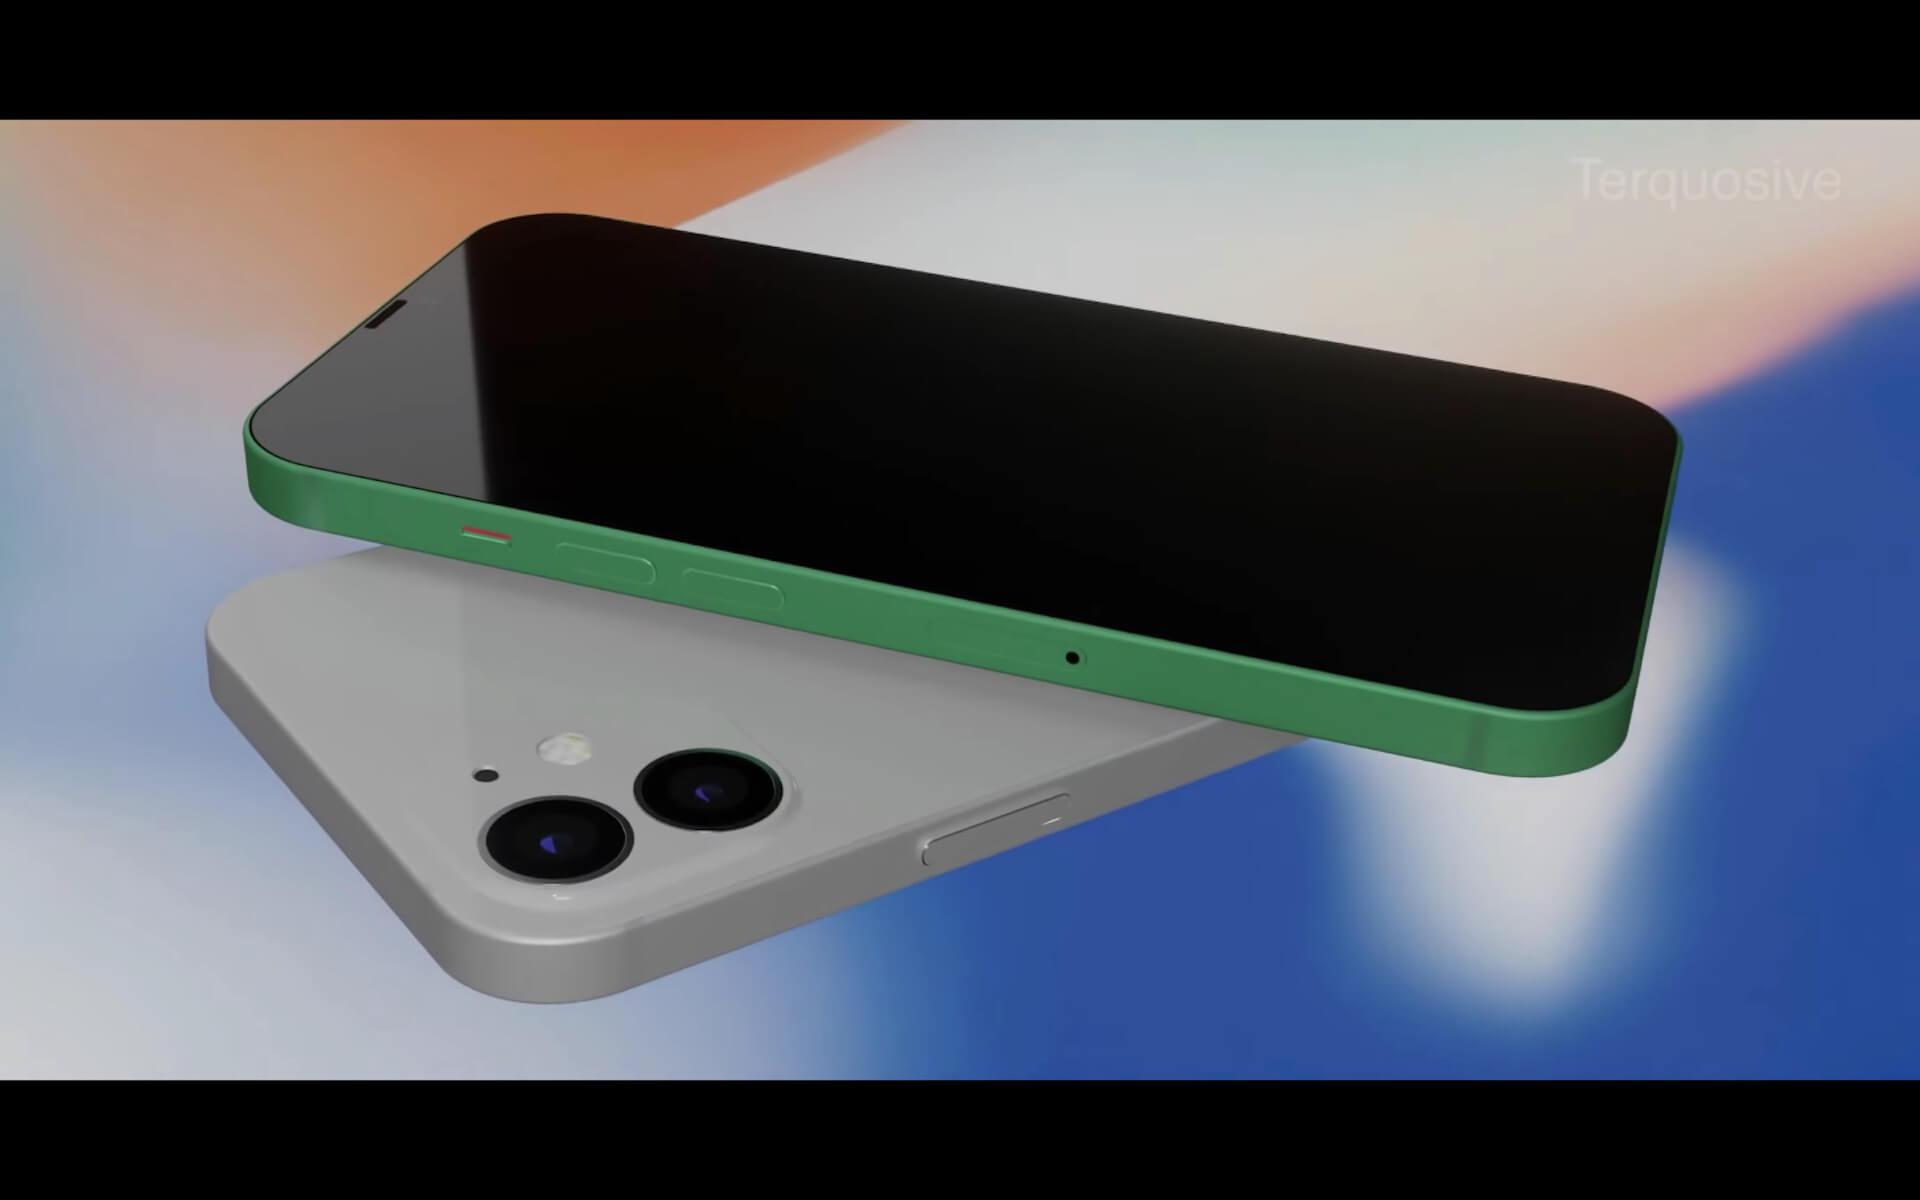 iPhone 12&12 Maxはこんな性能に?これまでの情報をまとめたコンセプト映像が公開 tech200713_iphone12_5